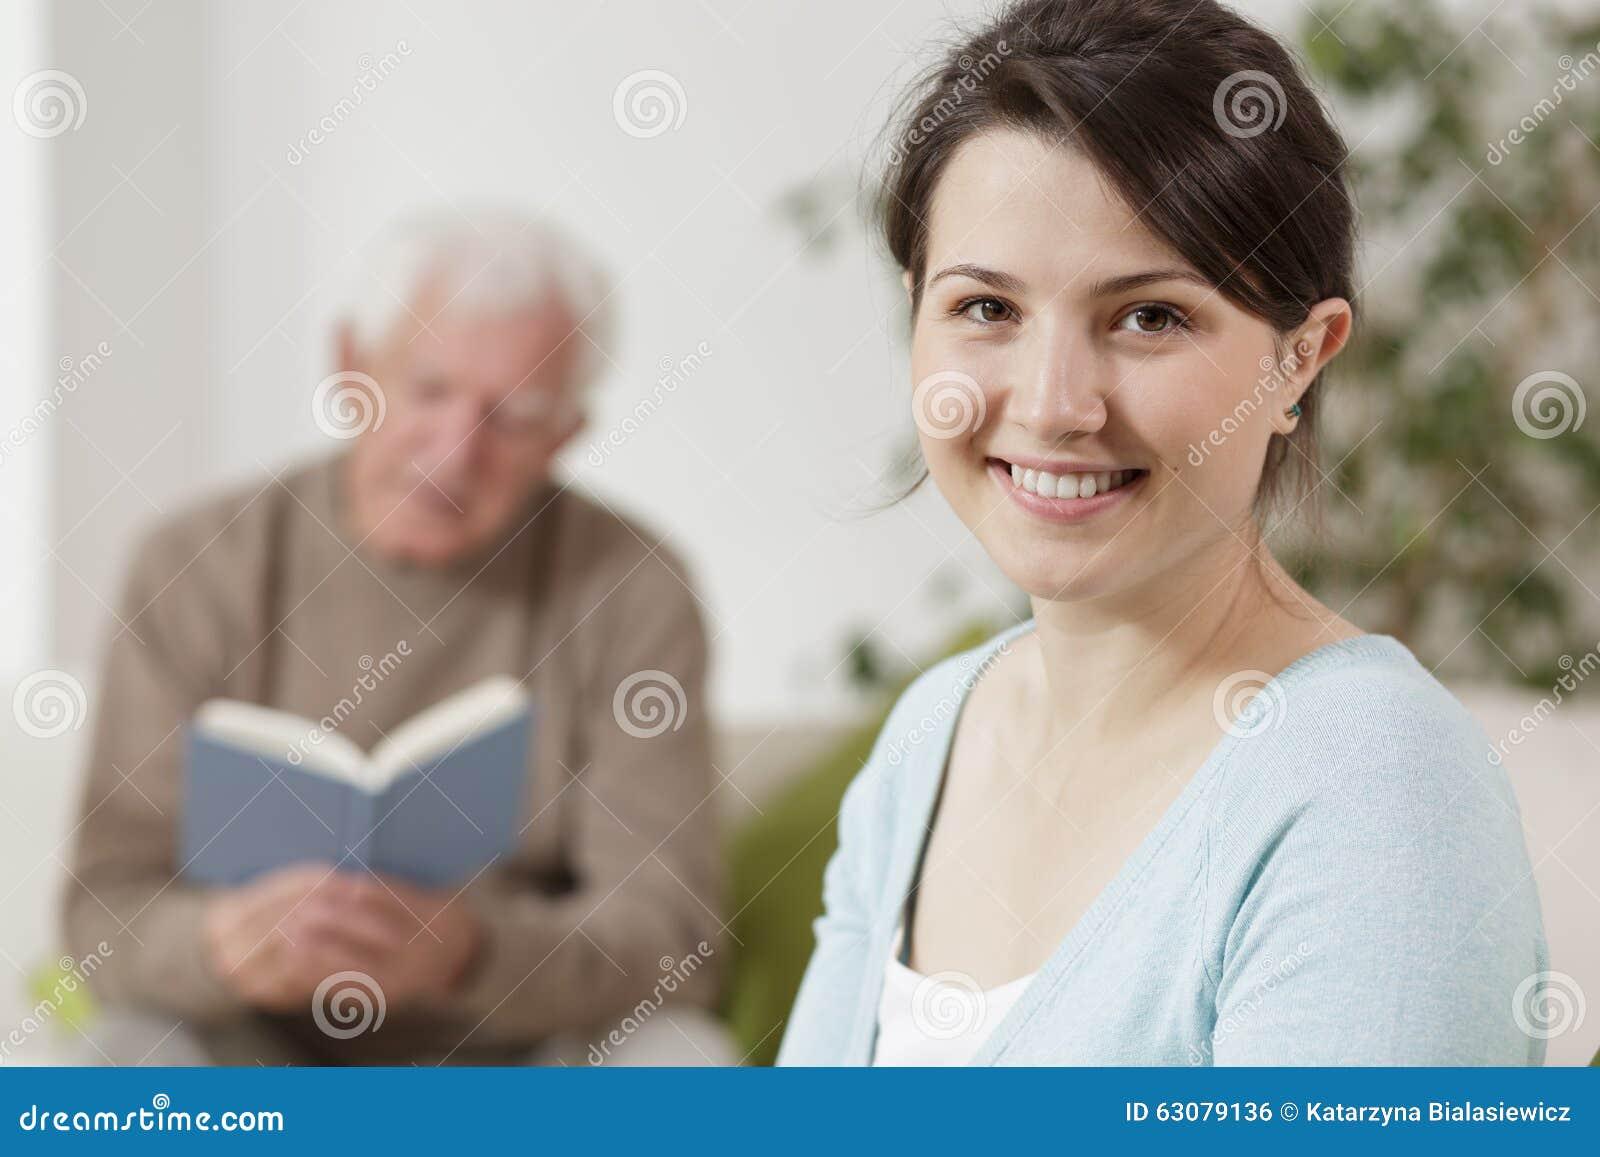 Download Jeune femme de sourire photo stock. Image du santé, aide - 63079136